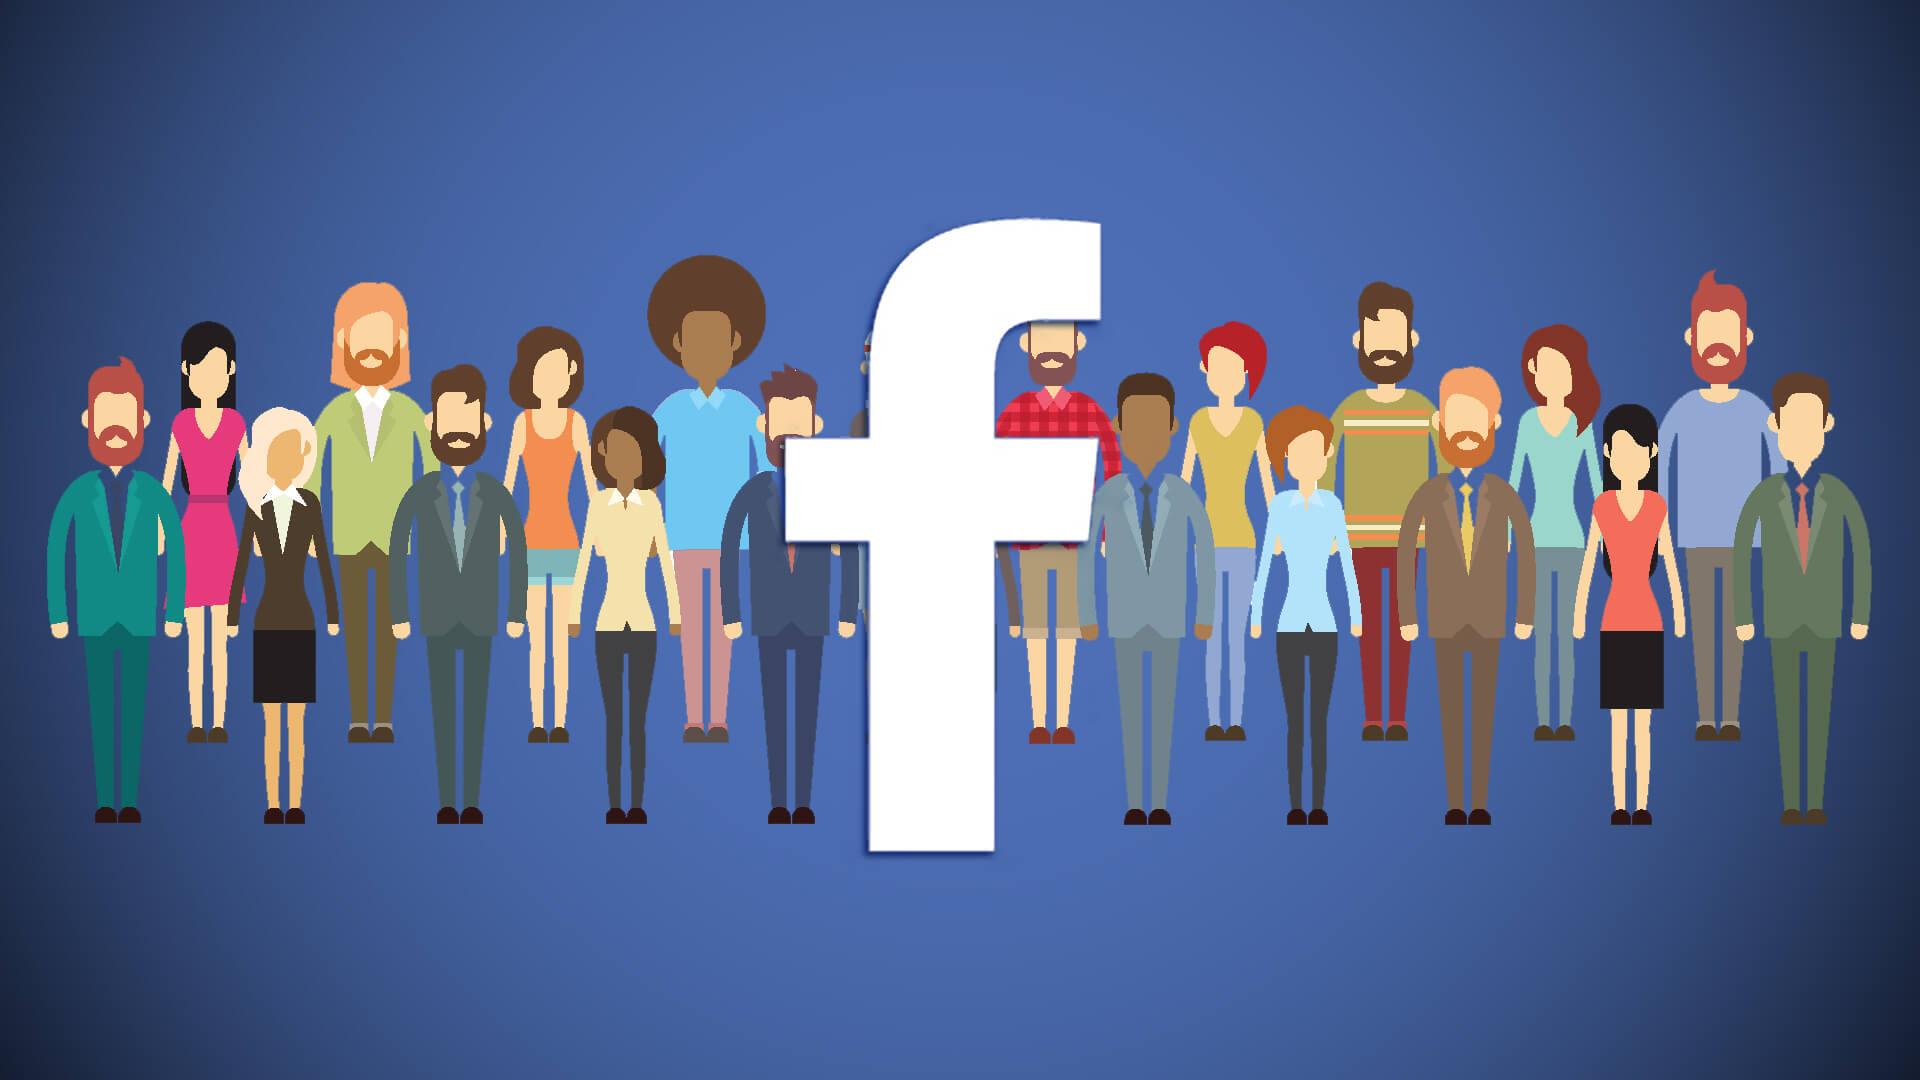 دقیقا هر کاربر چقدر برای فیس بوک ارزش دارد؟